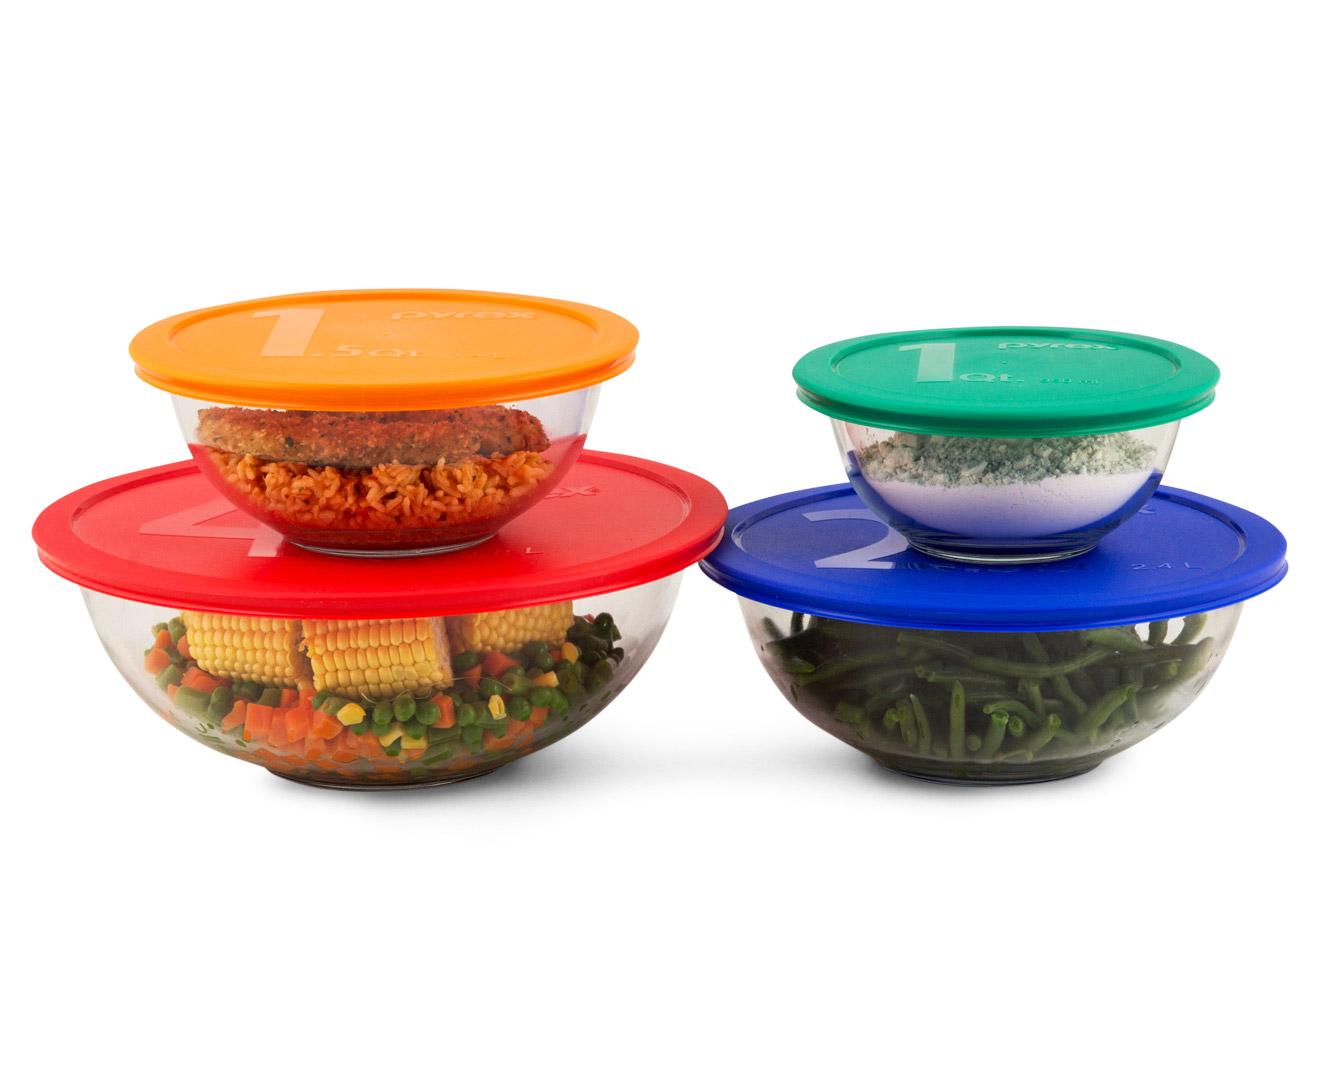 Pyrex 8-Piece Glass Mixing Bowl Set | Catch.com.au